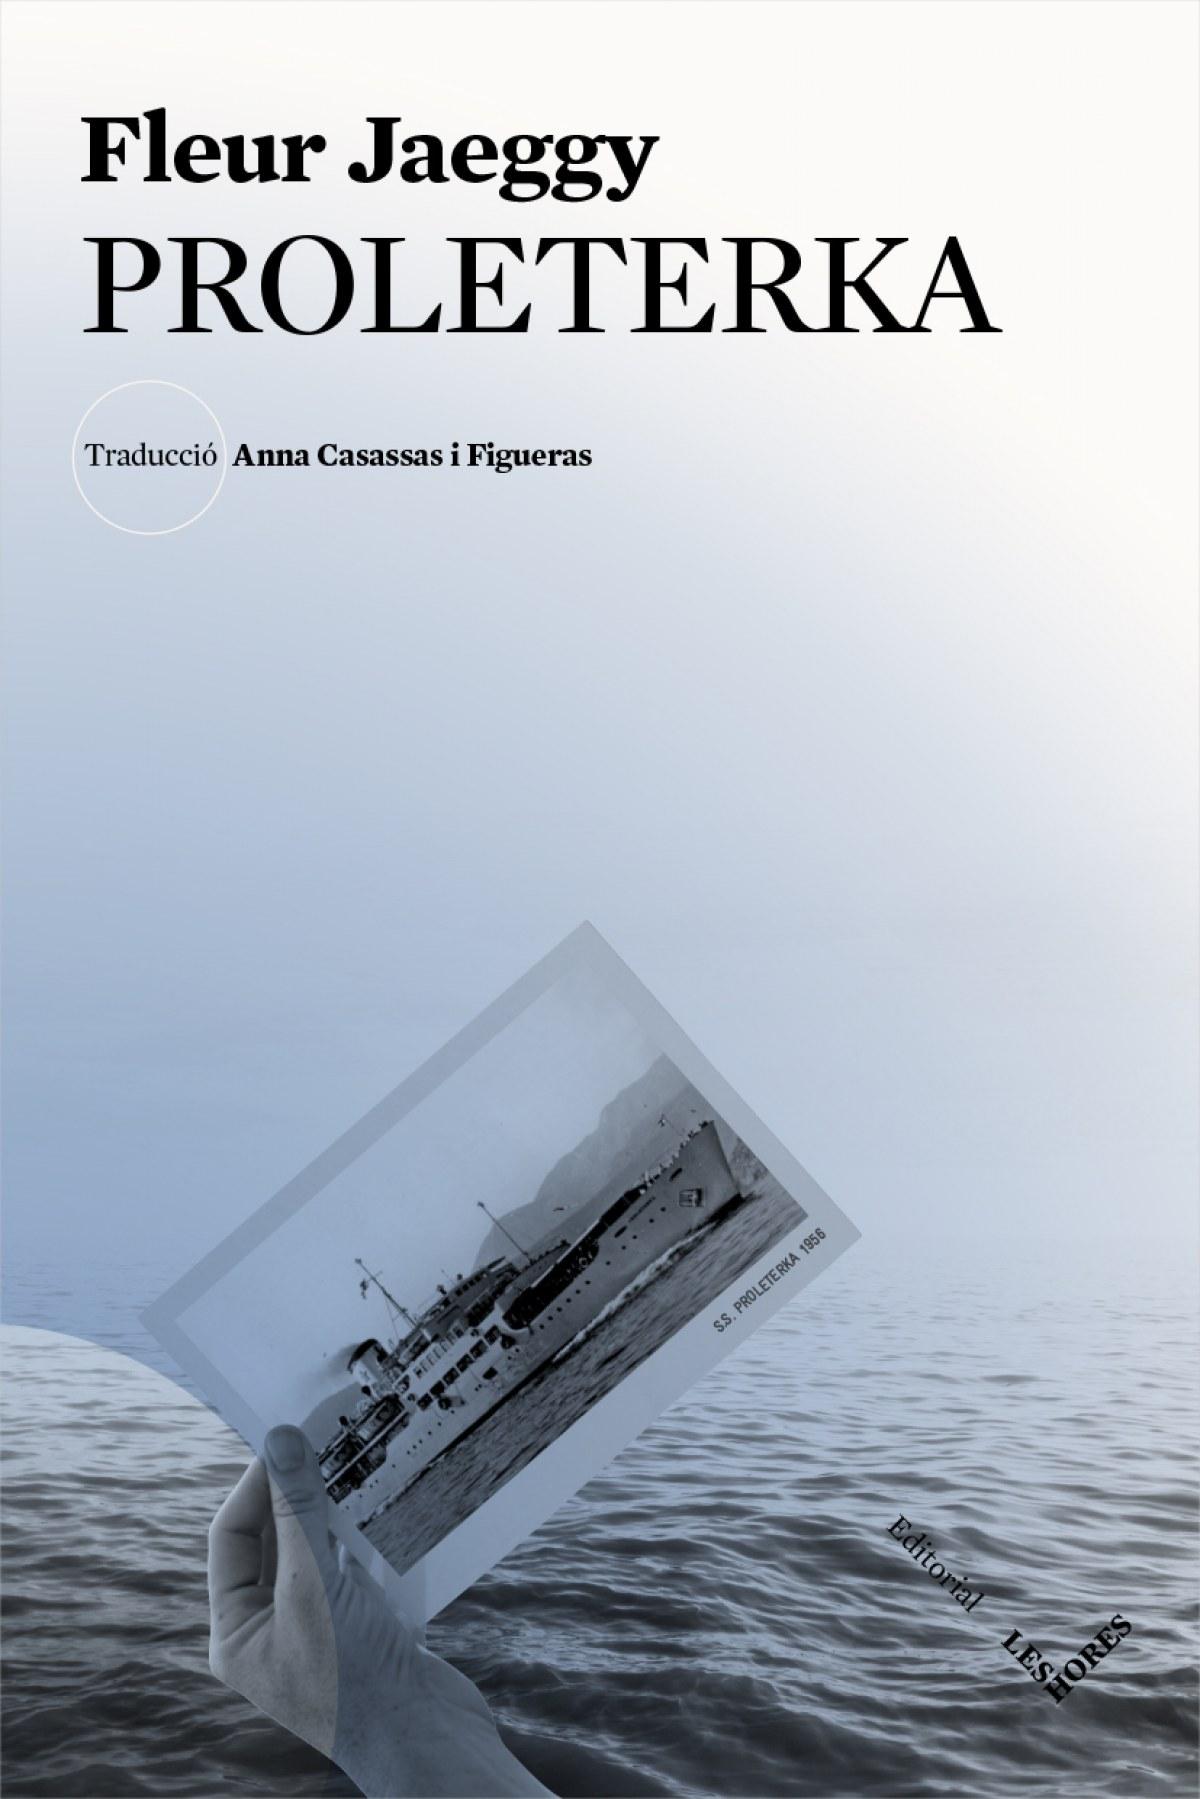 PROLETERKA